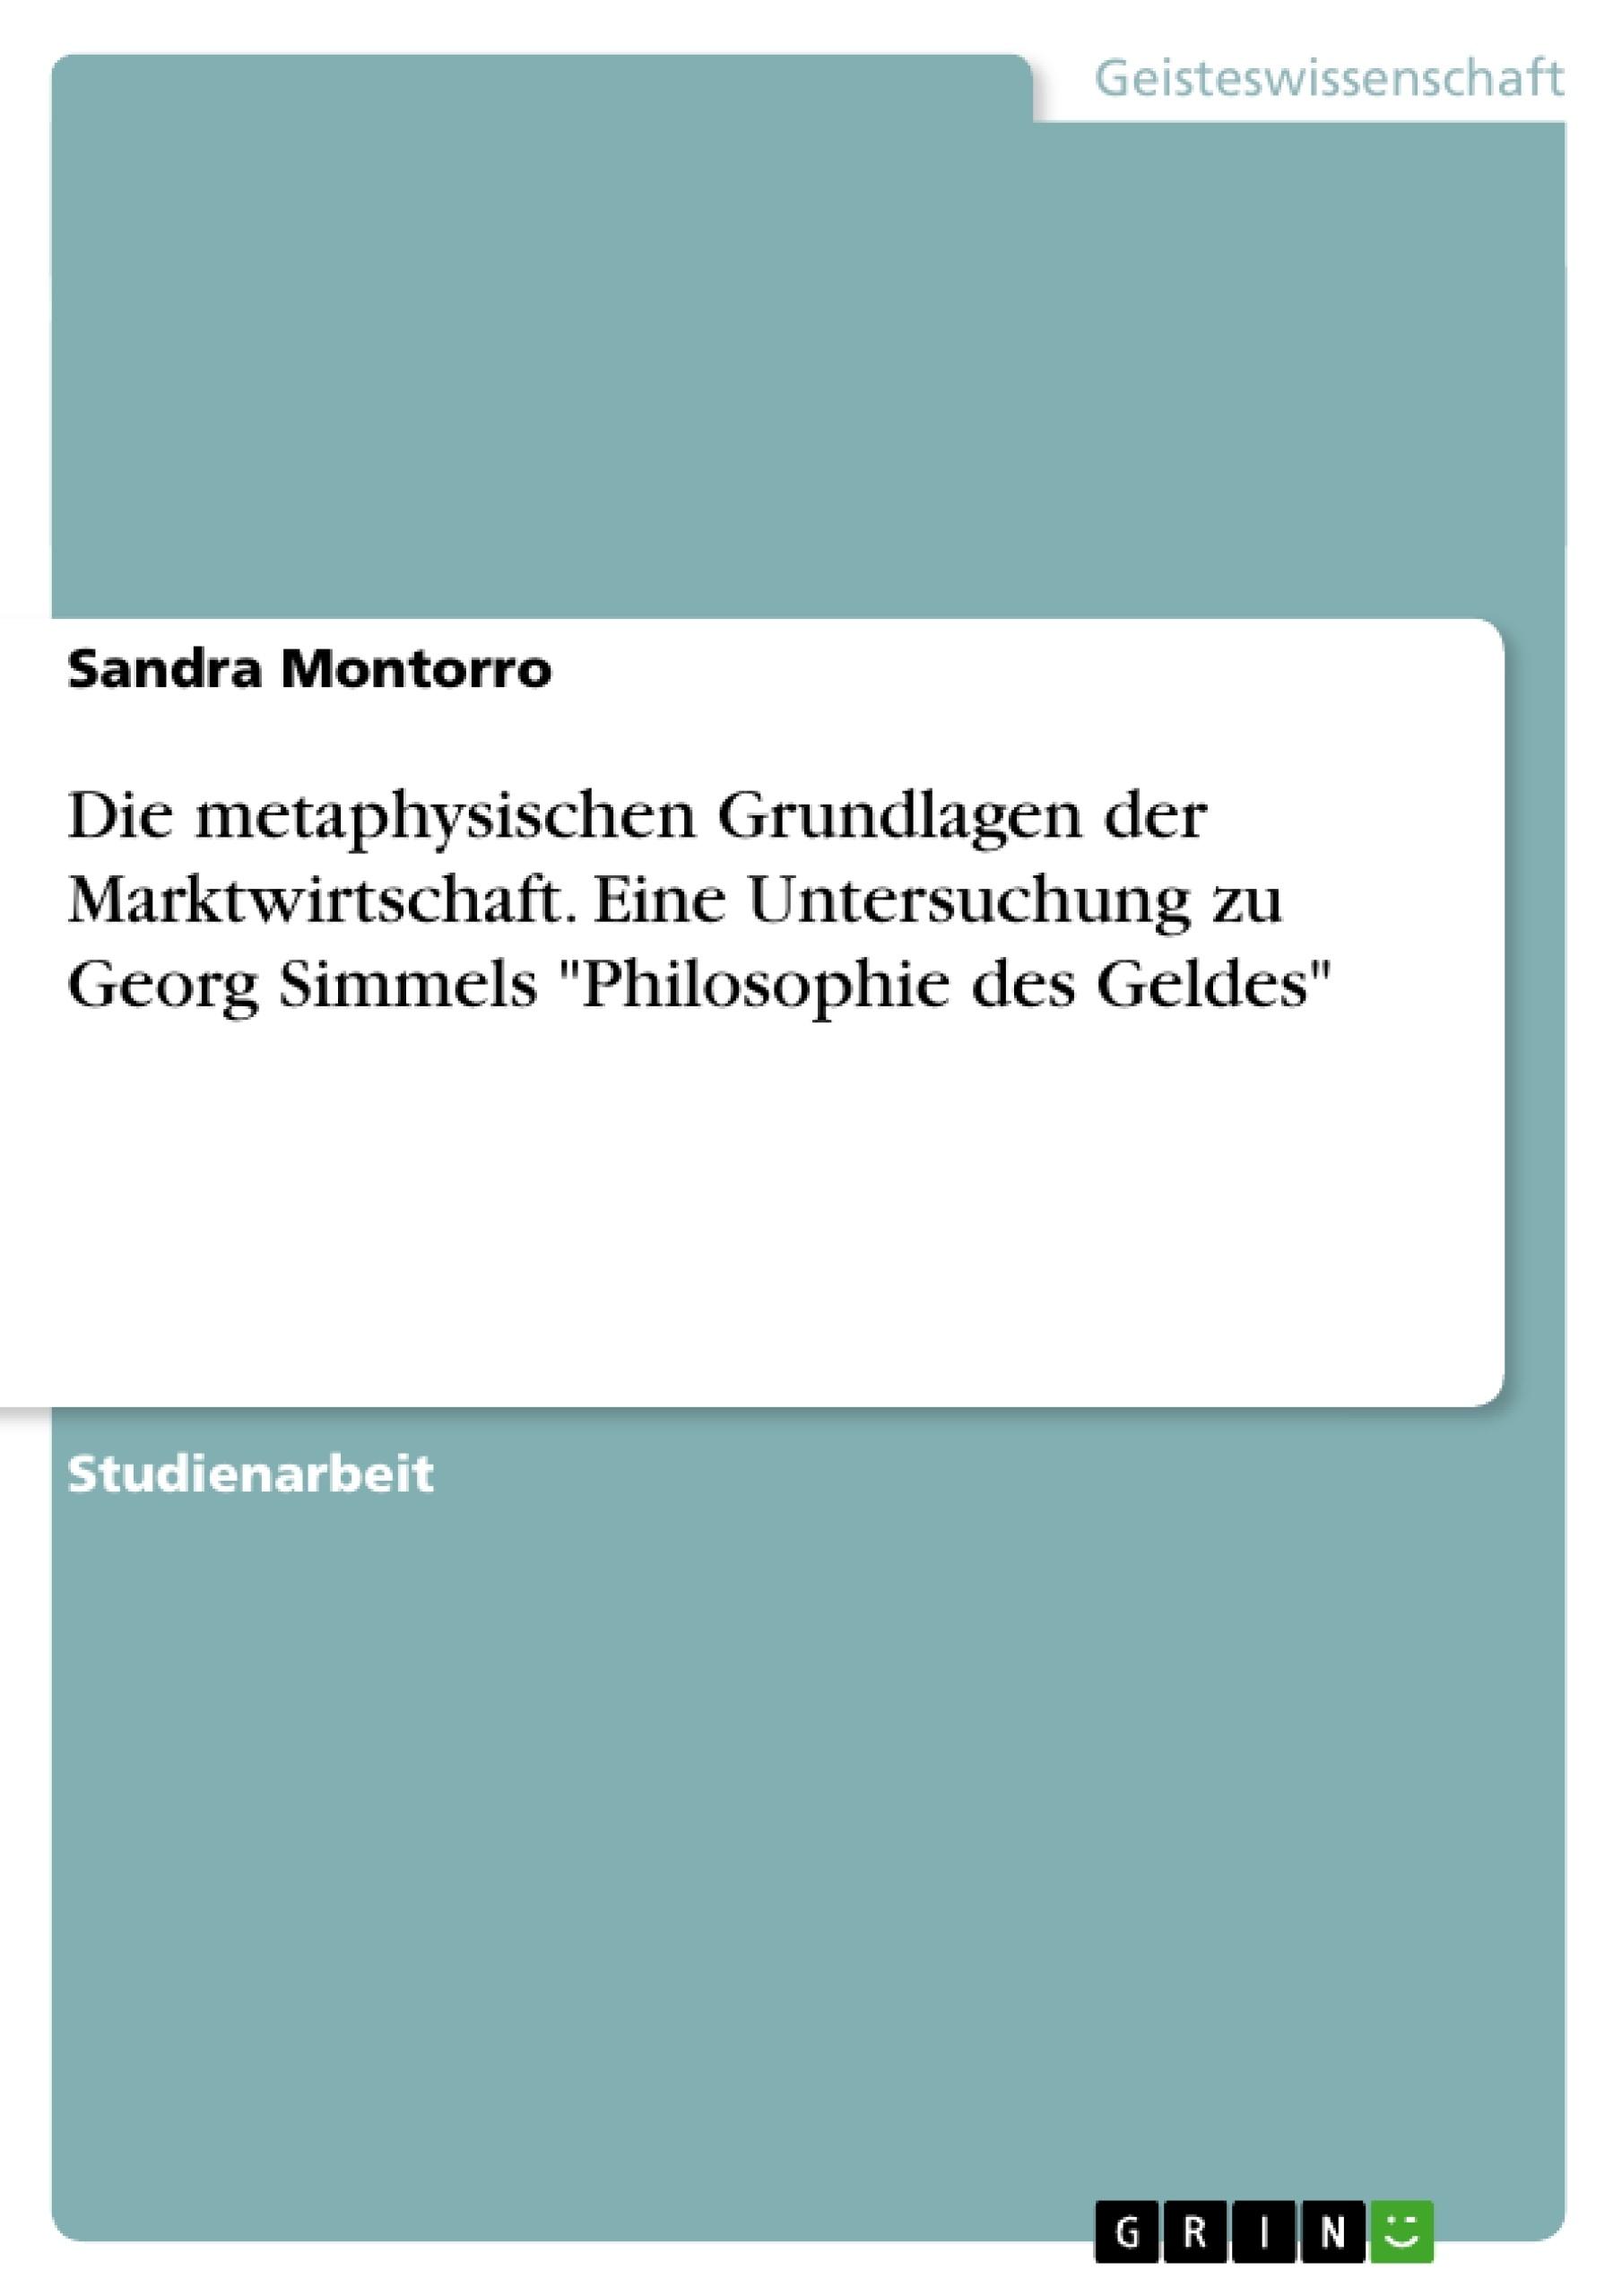 """Titel: Die metaphysischen Grundlagen der Marktwirtschaft. Eine Untersuchung zu Georg Simmels """"Philosophie des Geldes"""""""